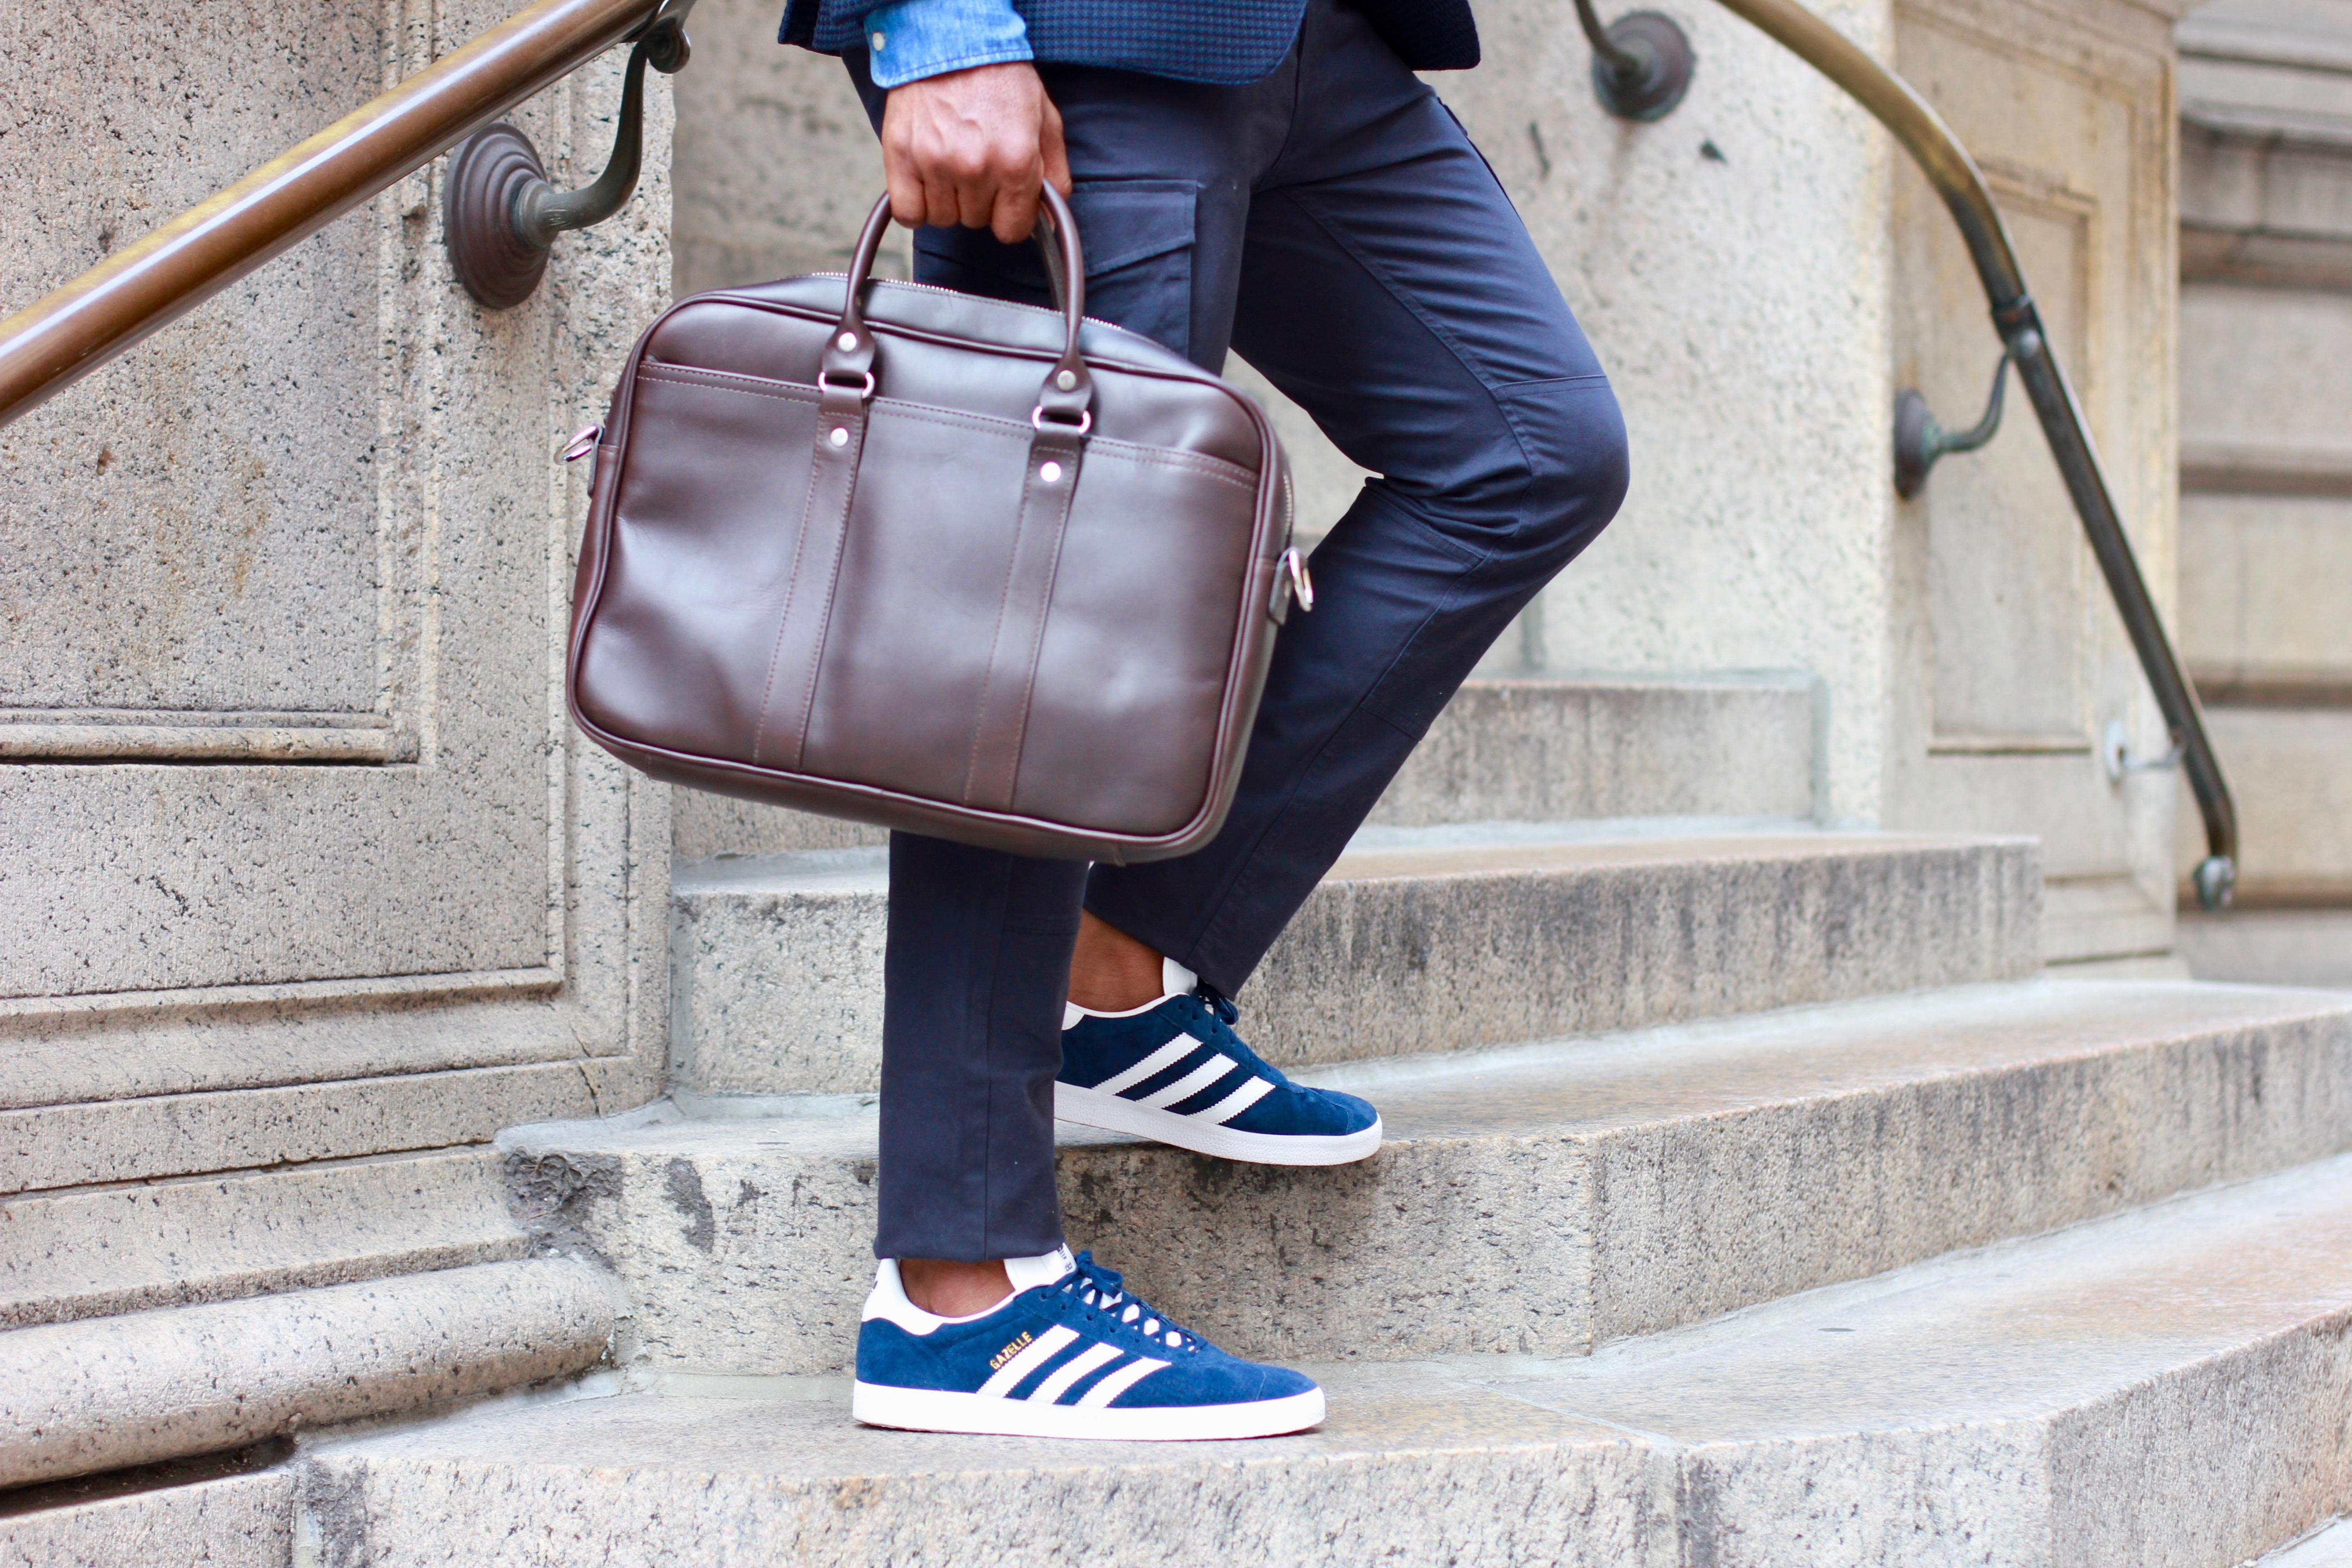 X Gazelle Adidas Men's Pro Review Style pvx5Oxdw